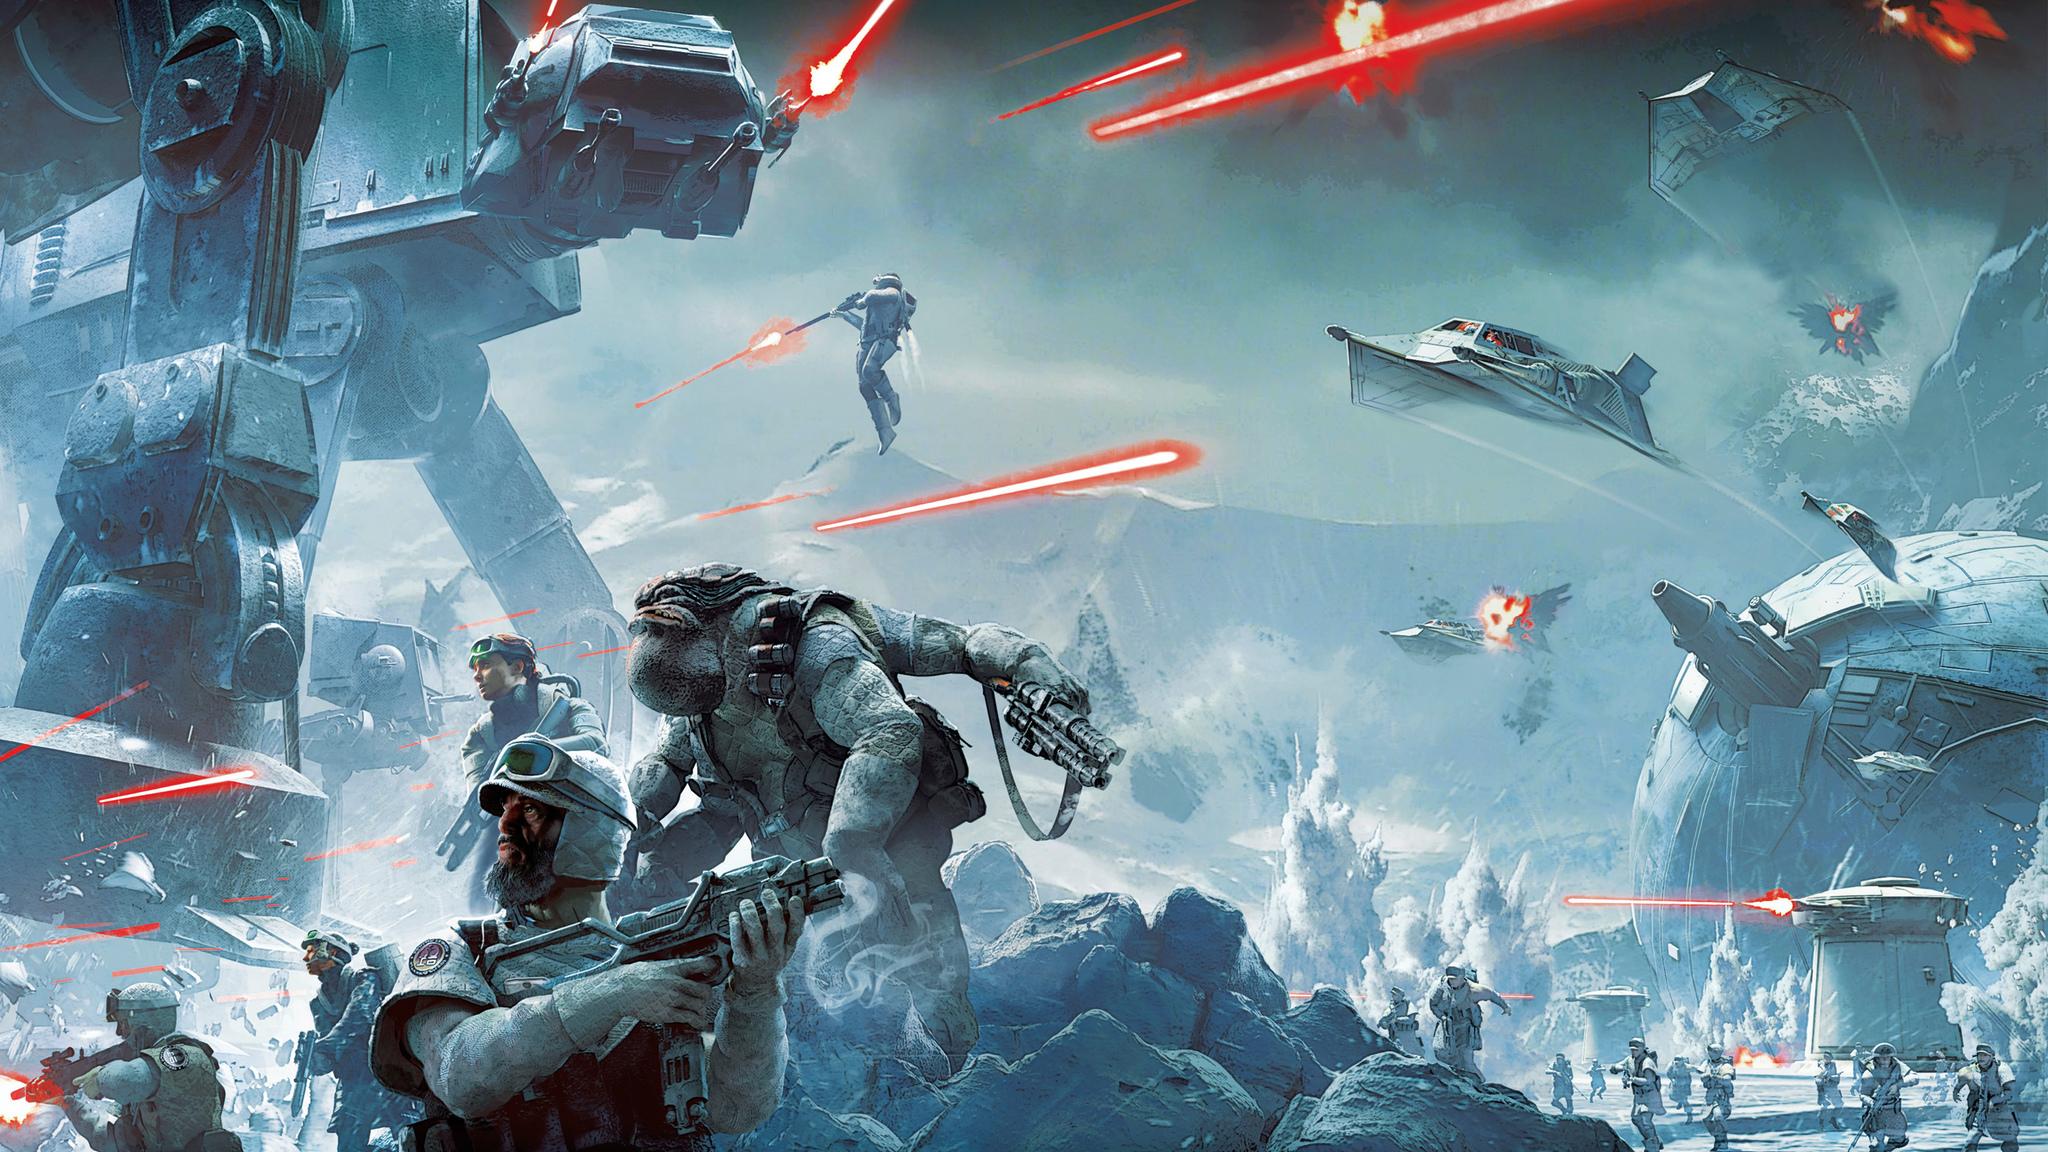 Star Wars Battlefront... (2048x1152)